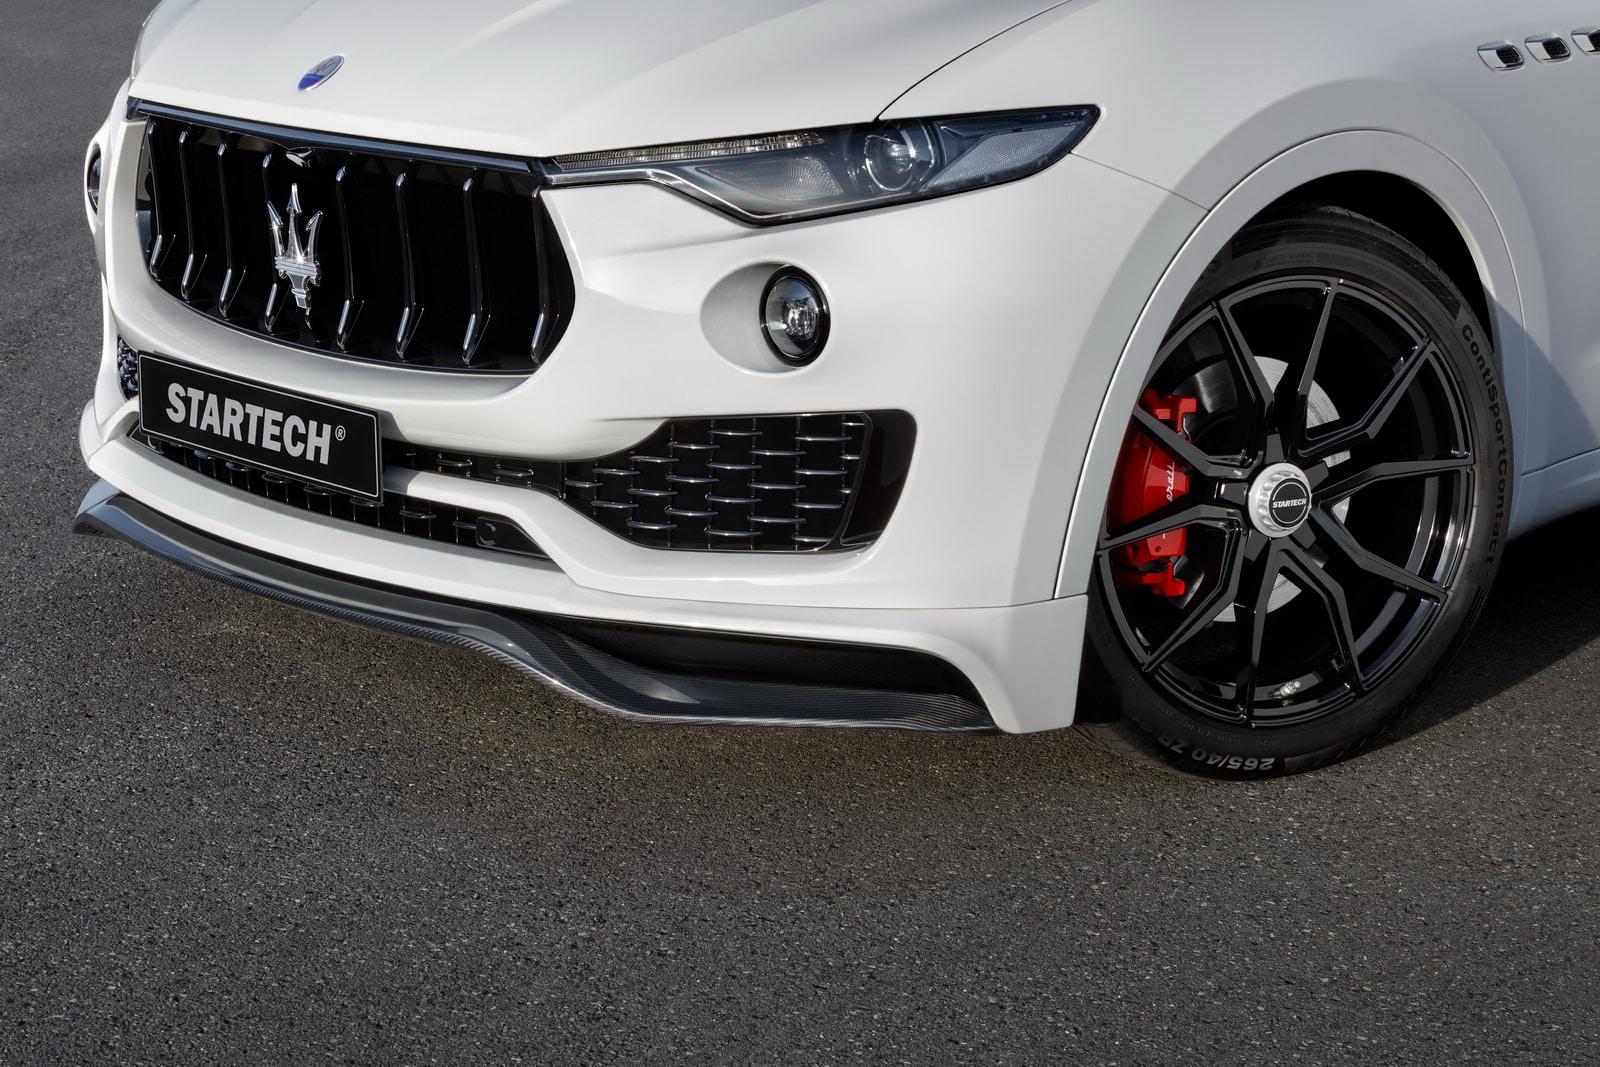 Maserati Levante Startech-5